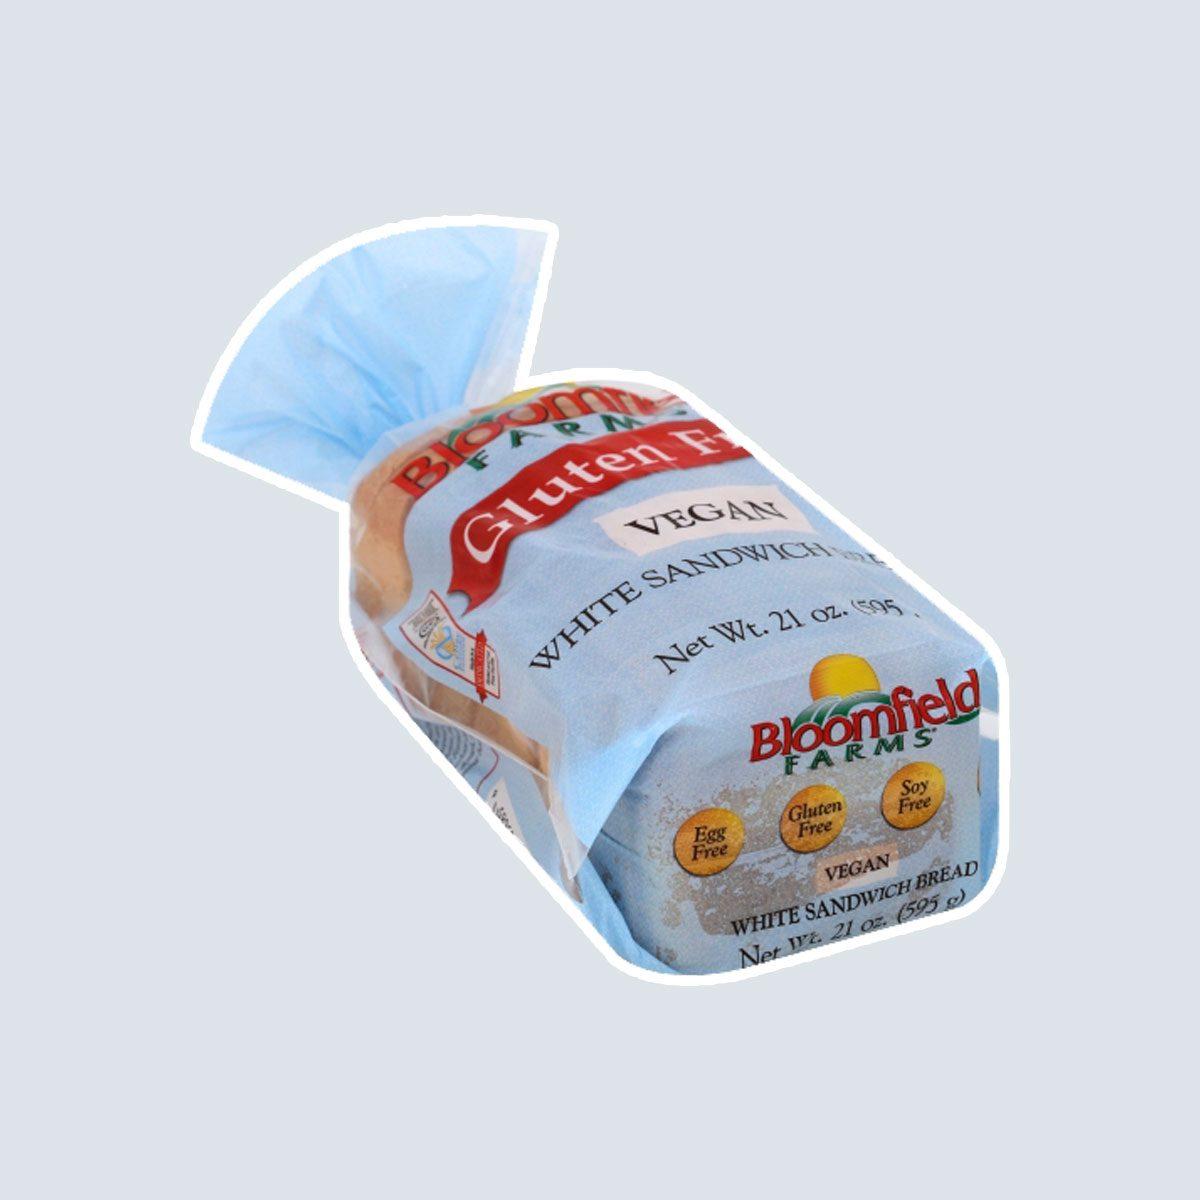 Bloomfield Farms Gluten-Free White Sandwich Bread